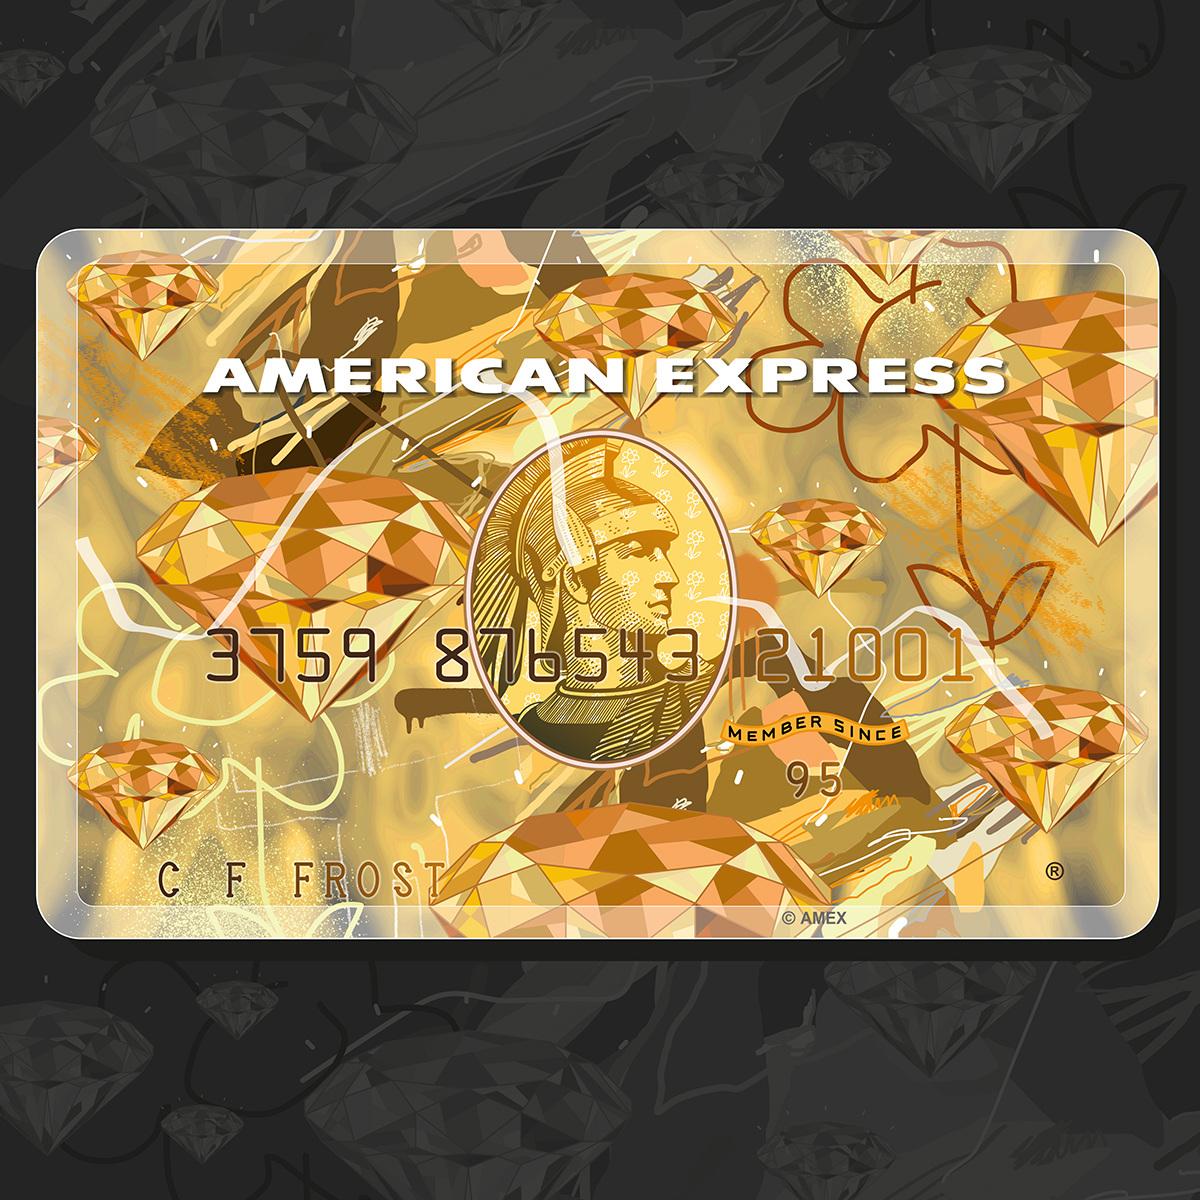 AMEX: Gold card